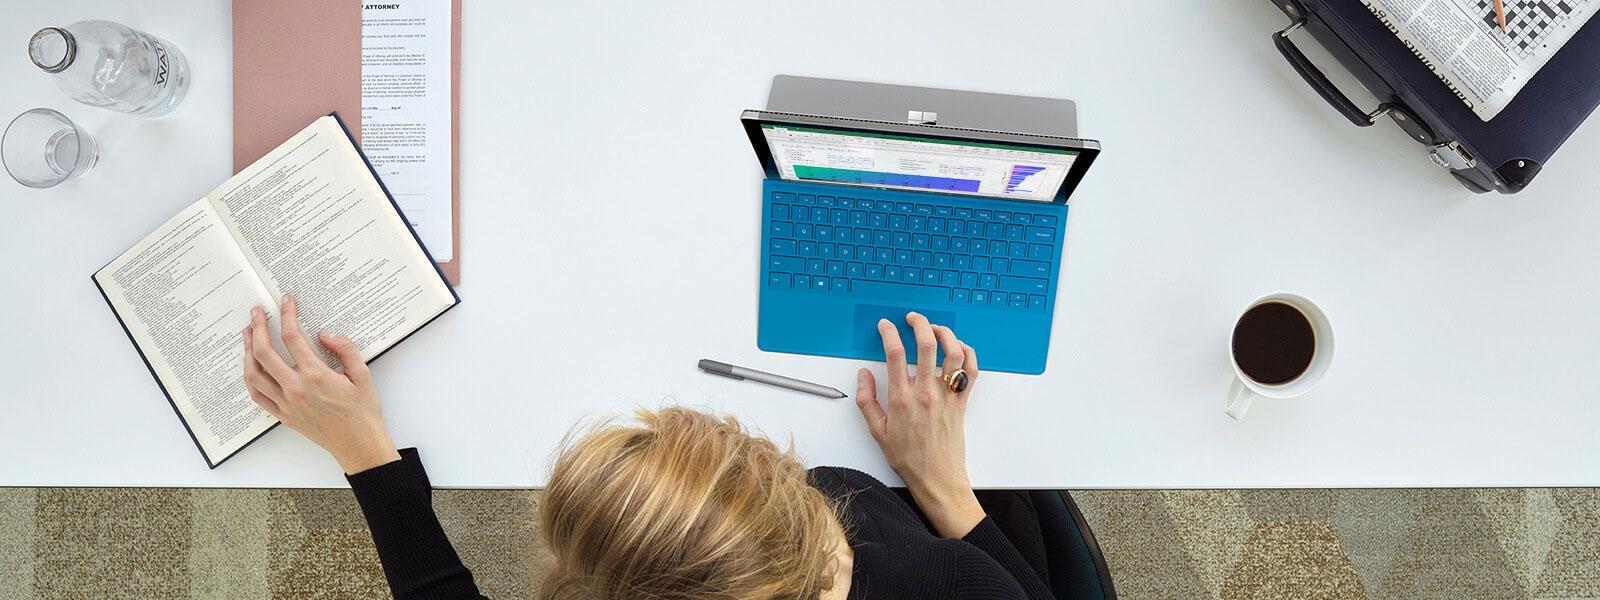 لقطة خاطفة لامرأة تكتب على Surface Pro 4.